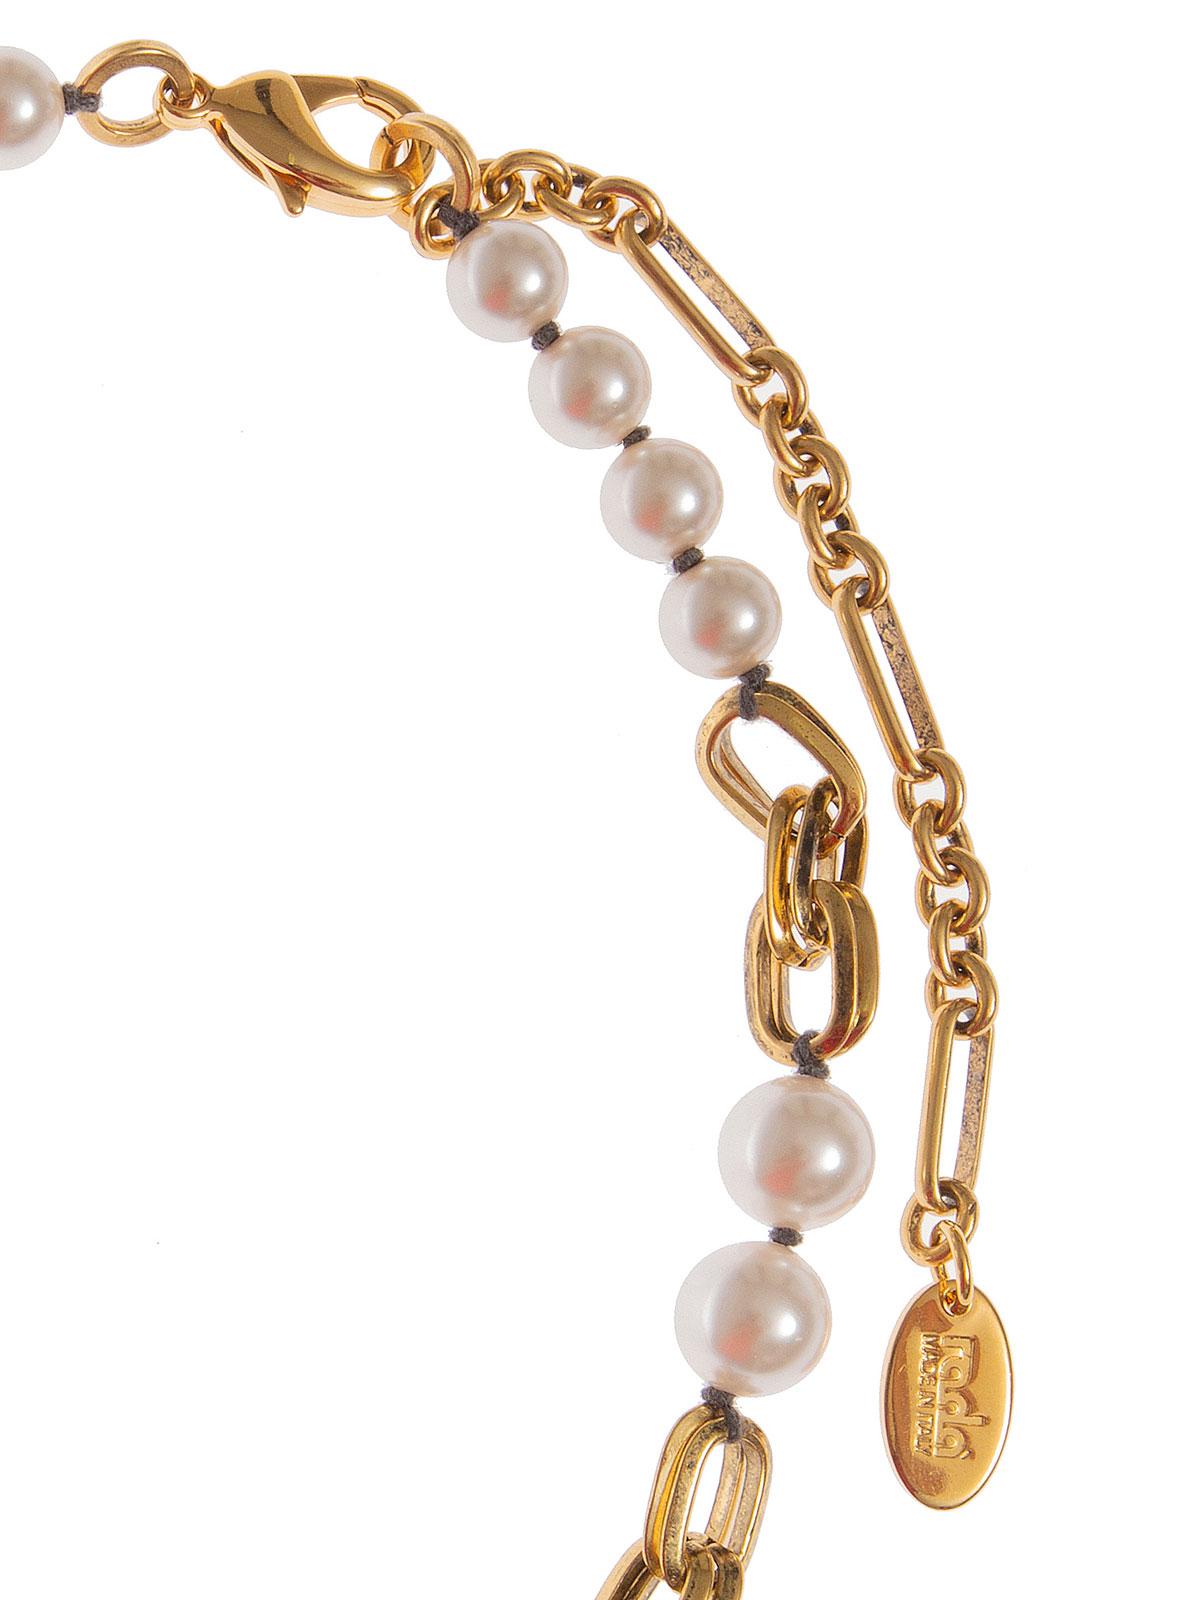 Collana di perle alternate a catene